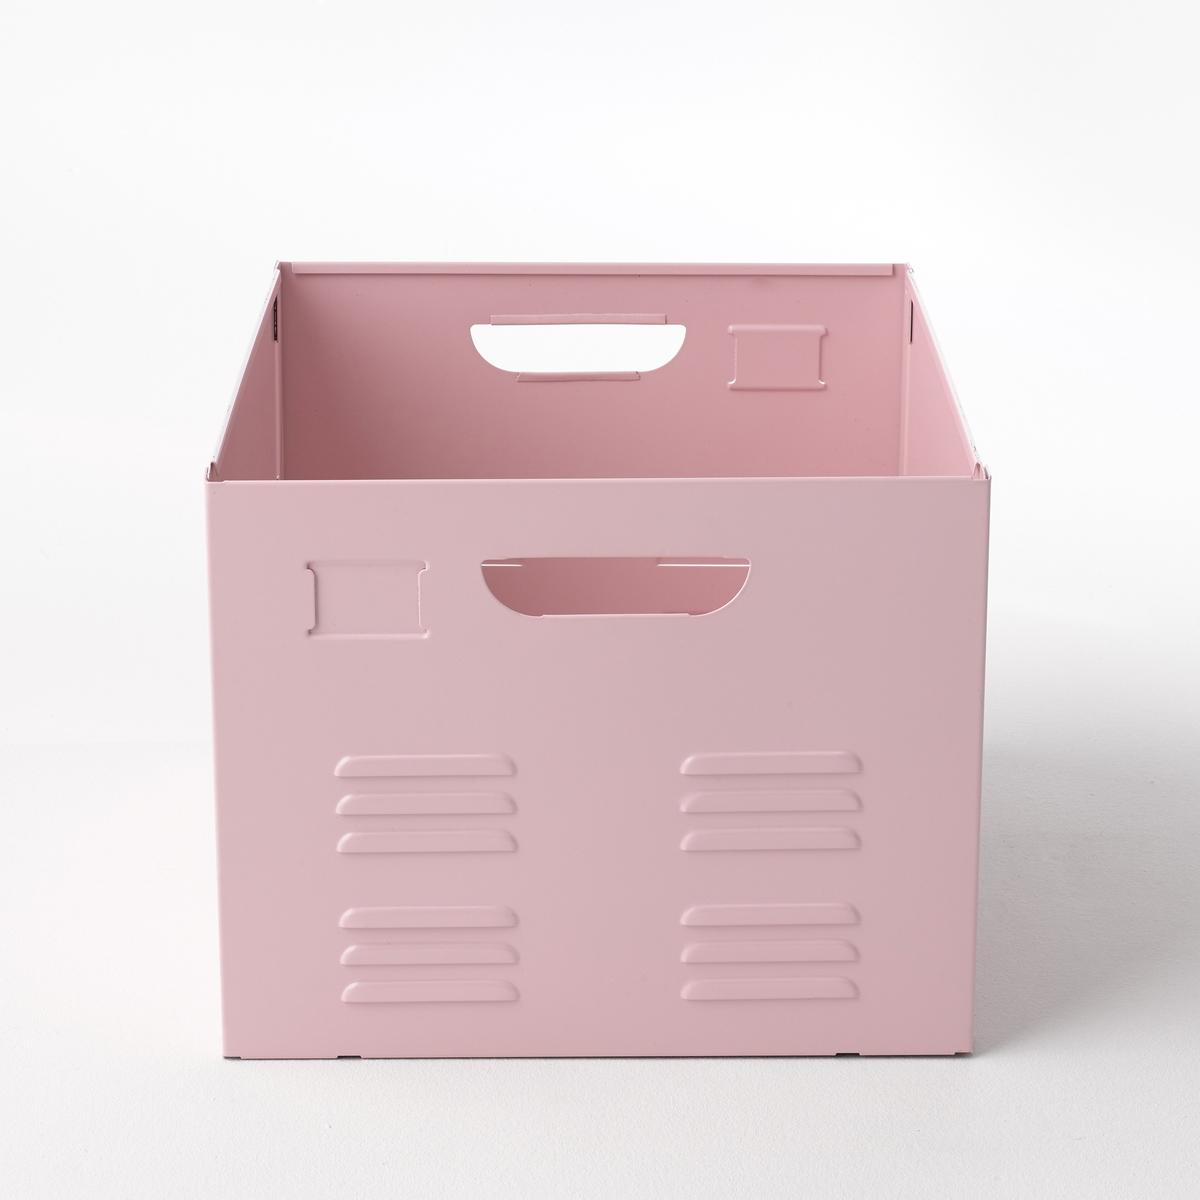 Ящик металлический HibaМеталлический ящик Hiba. Можно использовать как выдвижной ящик для мебели Hiba или поставить его туда, где он Вам больше всего необходим. 2 практичные ручки позволяют перемещать ящик в любое место.Вся коллекция Hiba на сайте laredoute.ru. Описание ящика Hiba:2 металлические ручки.Характеристики ящика Hiba:Металл, лакированное покрытие.Размеры ящика Hiba:Общие:Длина 37,5 см.Ширина 46,6 см.Высота 30,2 см. Размеры и вес упаковки:1 упаковка. 54 x 45 x 12 см. 6,8 кг.Металлический ящик Hiba продается в разобранном виде.<br><br>Цвет: розовый,серый,черный